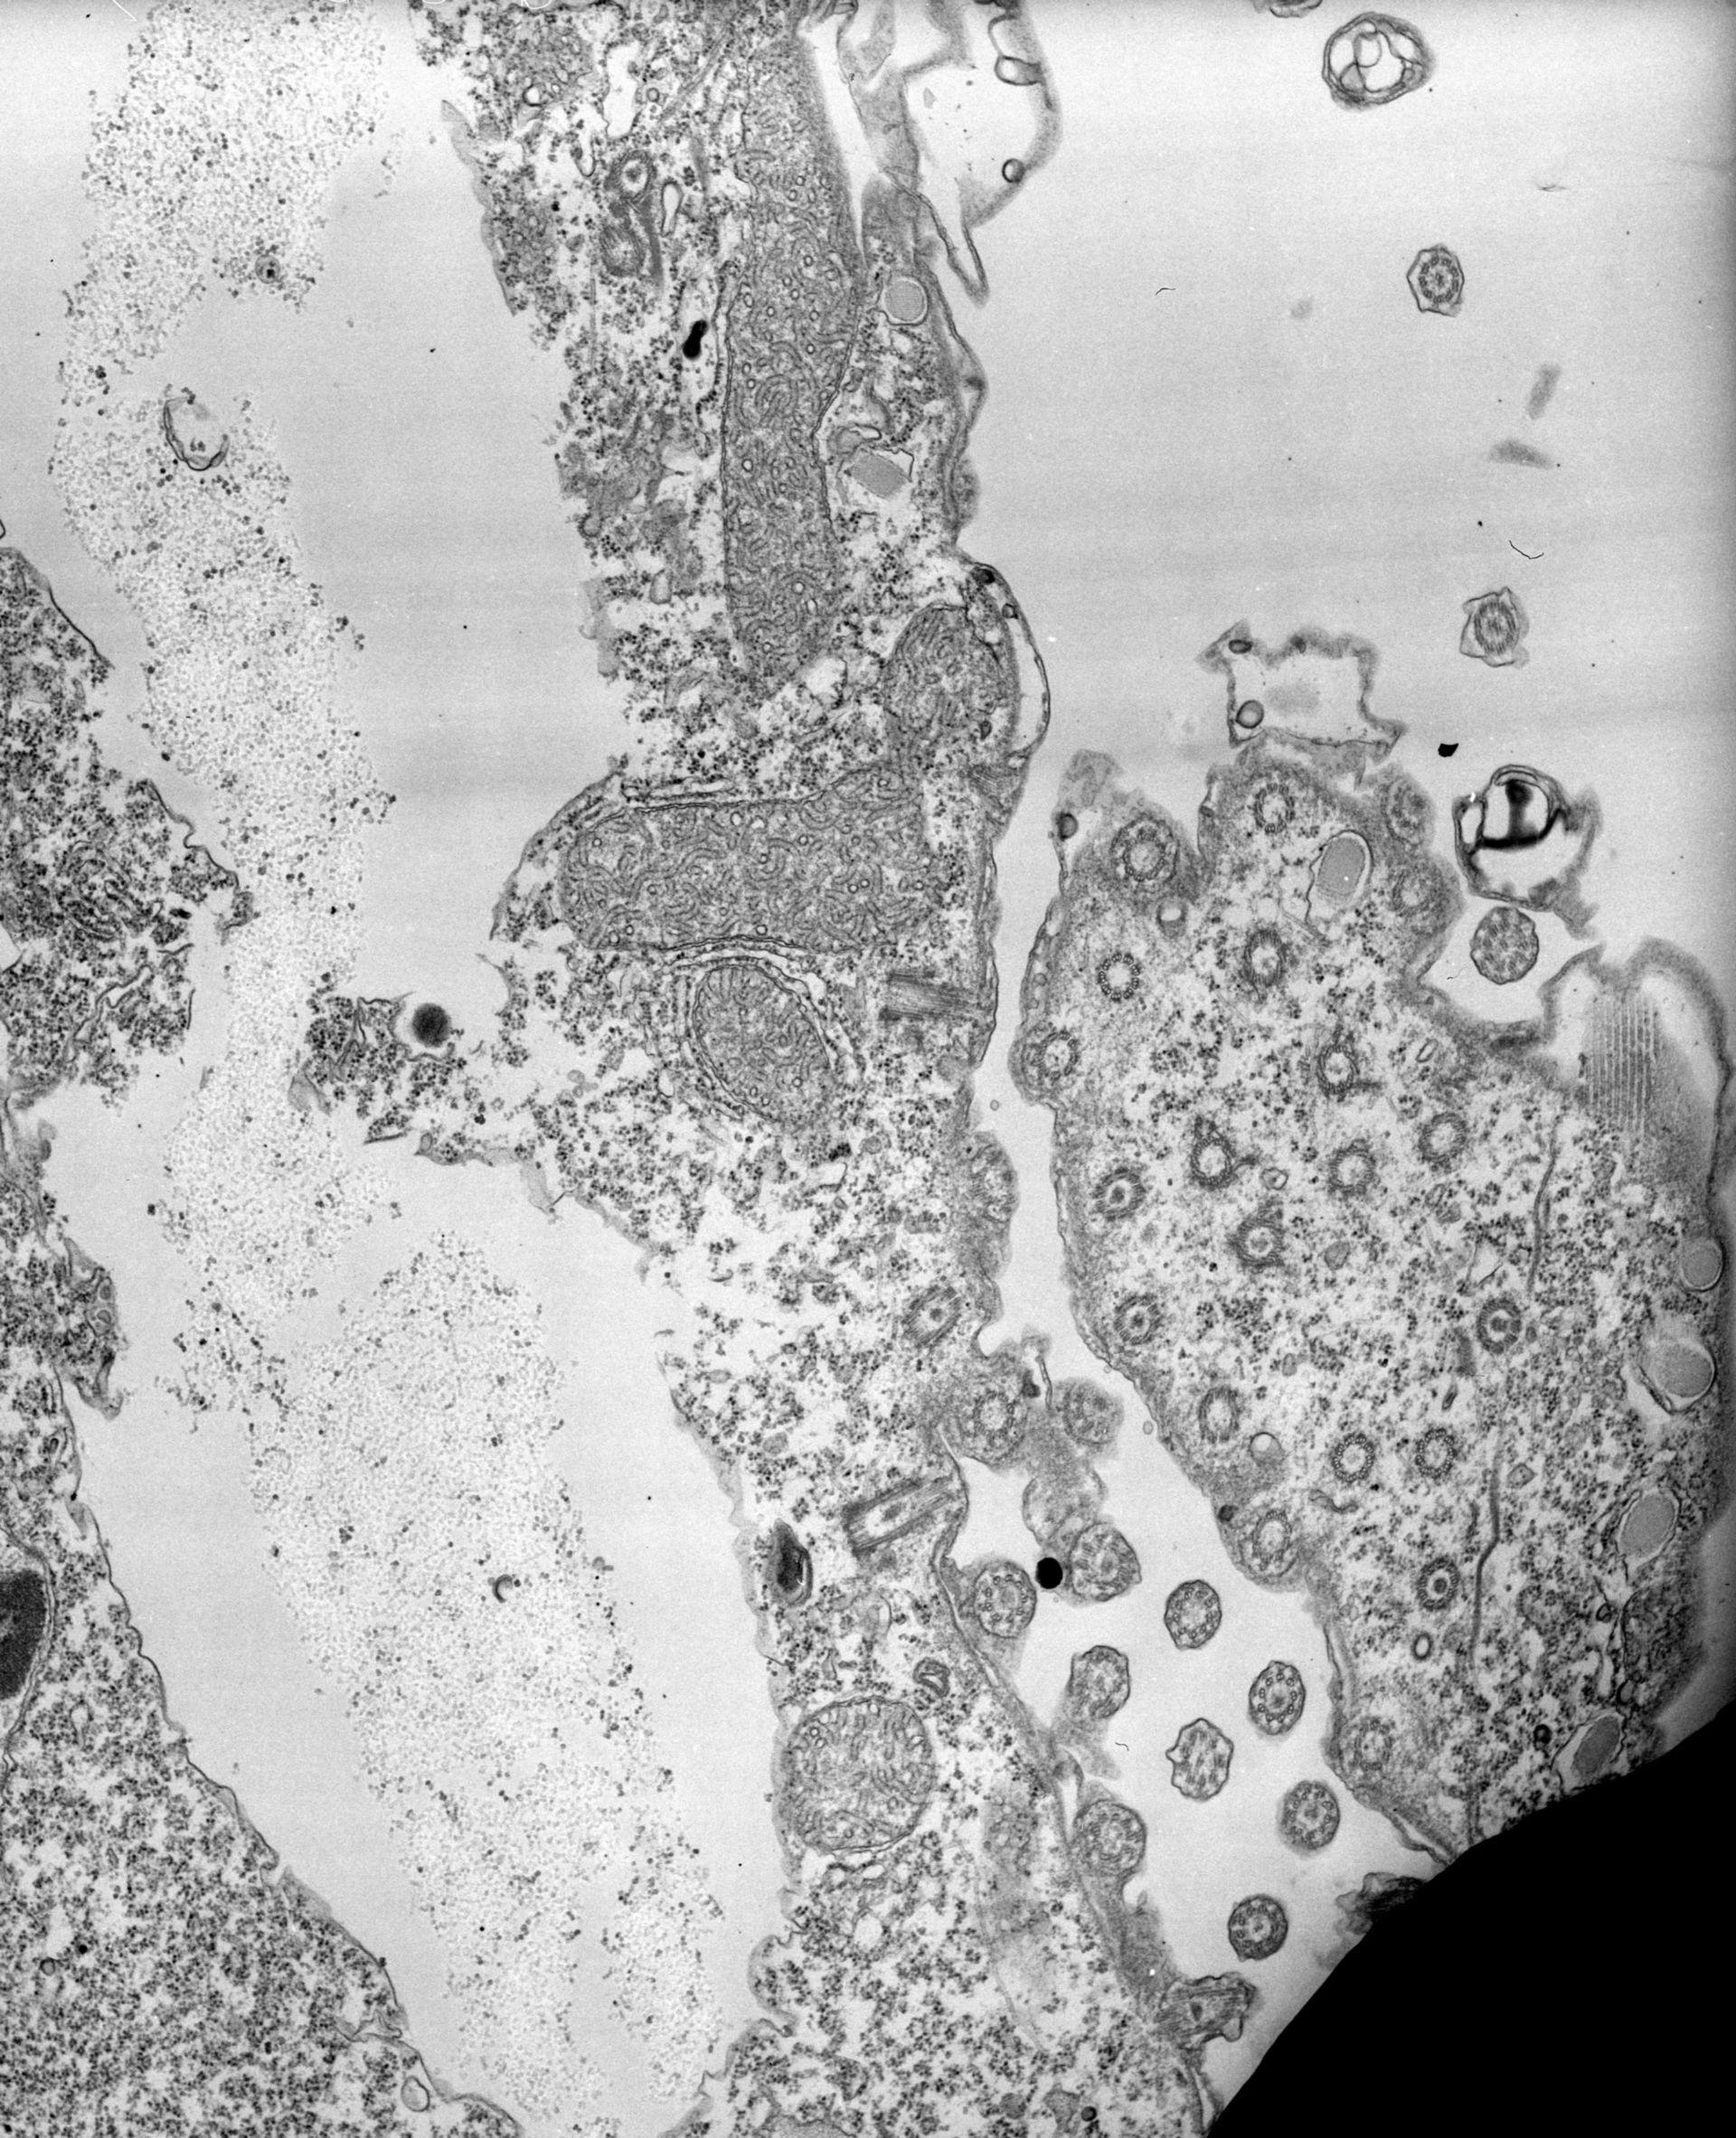 Tetrahymena pyriformis (sito di divisione cellulare) - CIL:39515